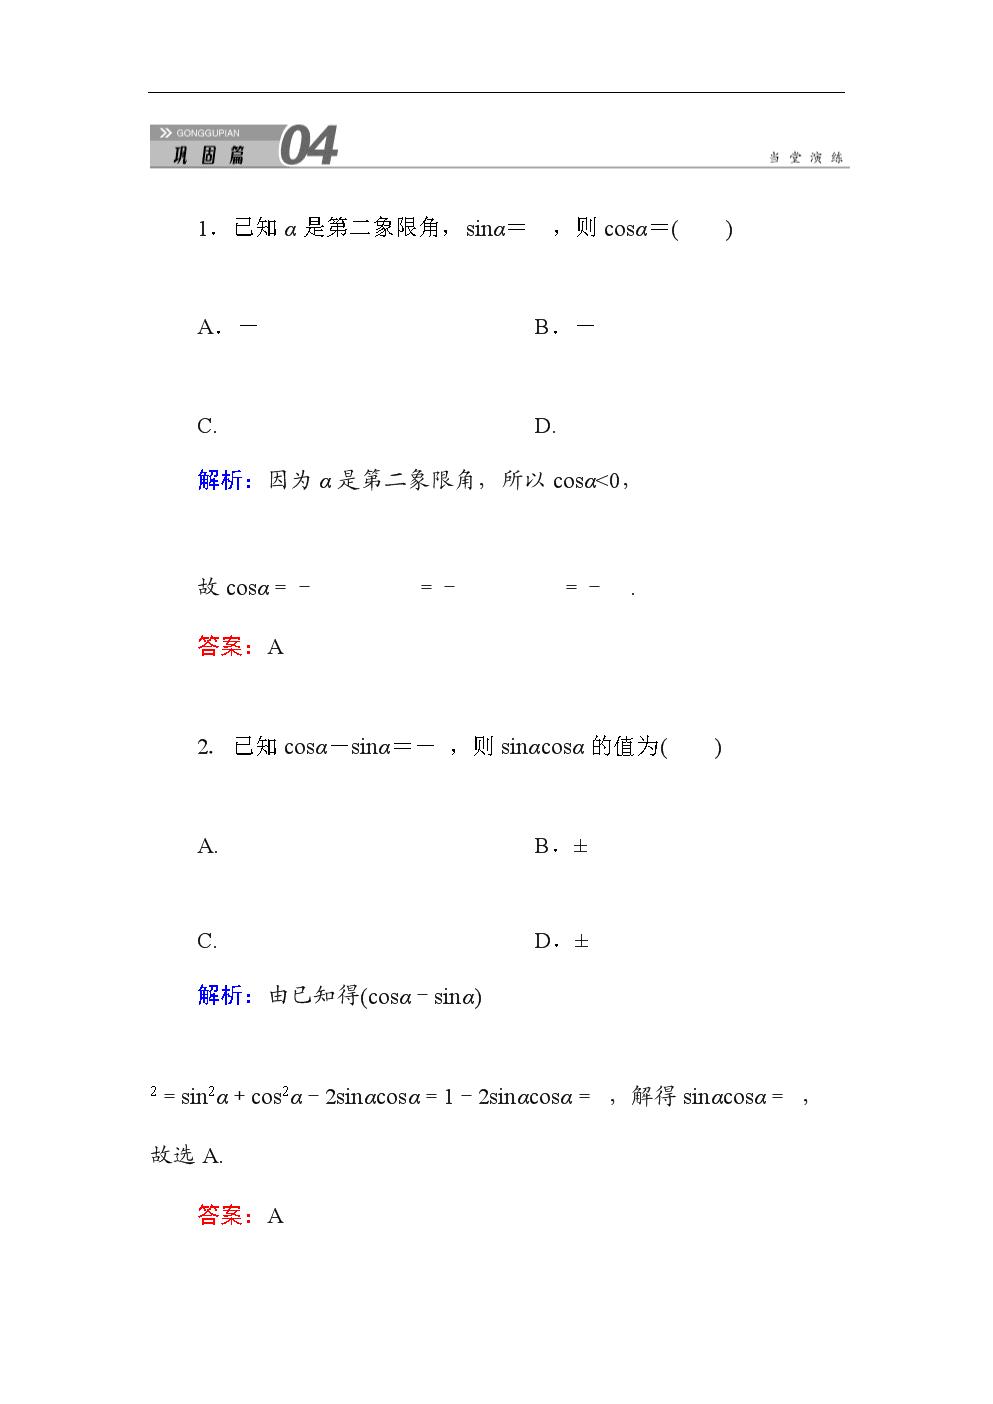 人教A版高中数学必修4练习手册:1-2-2同角三角函数的基本关系(附答案).doc